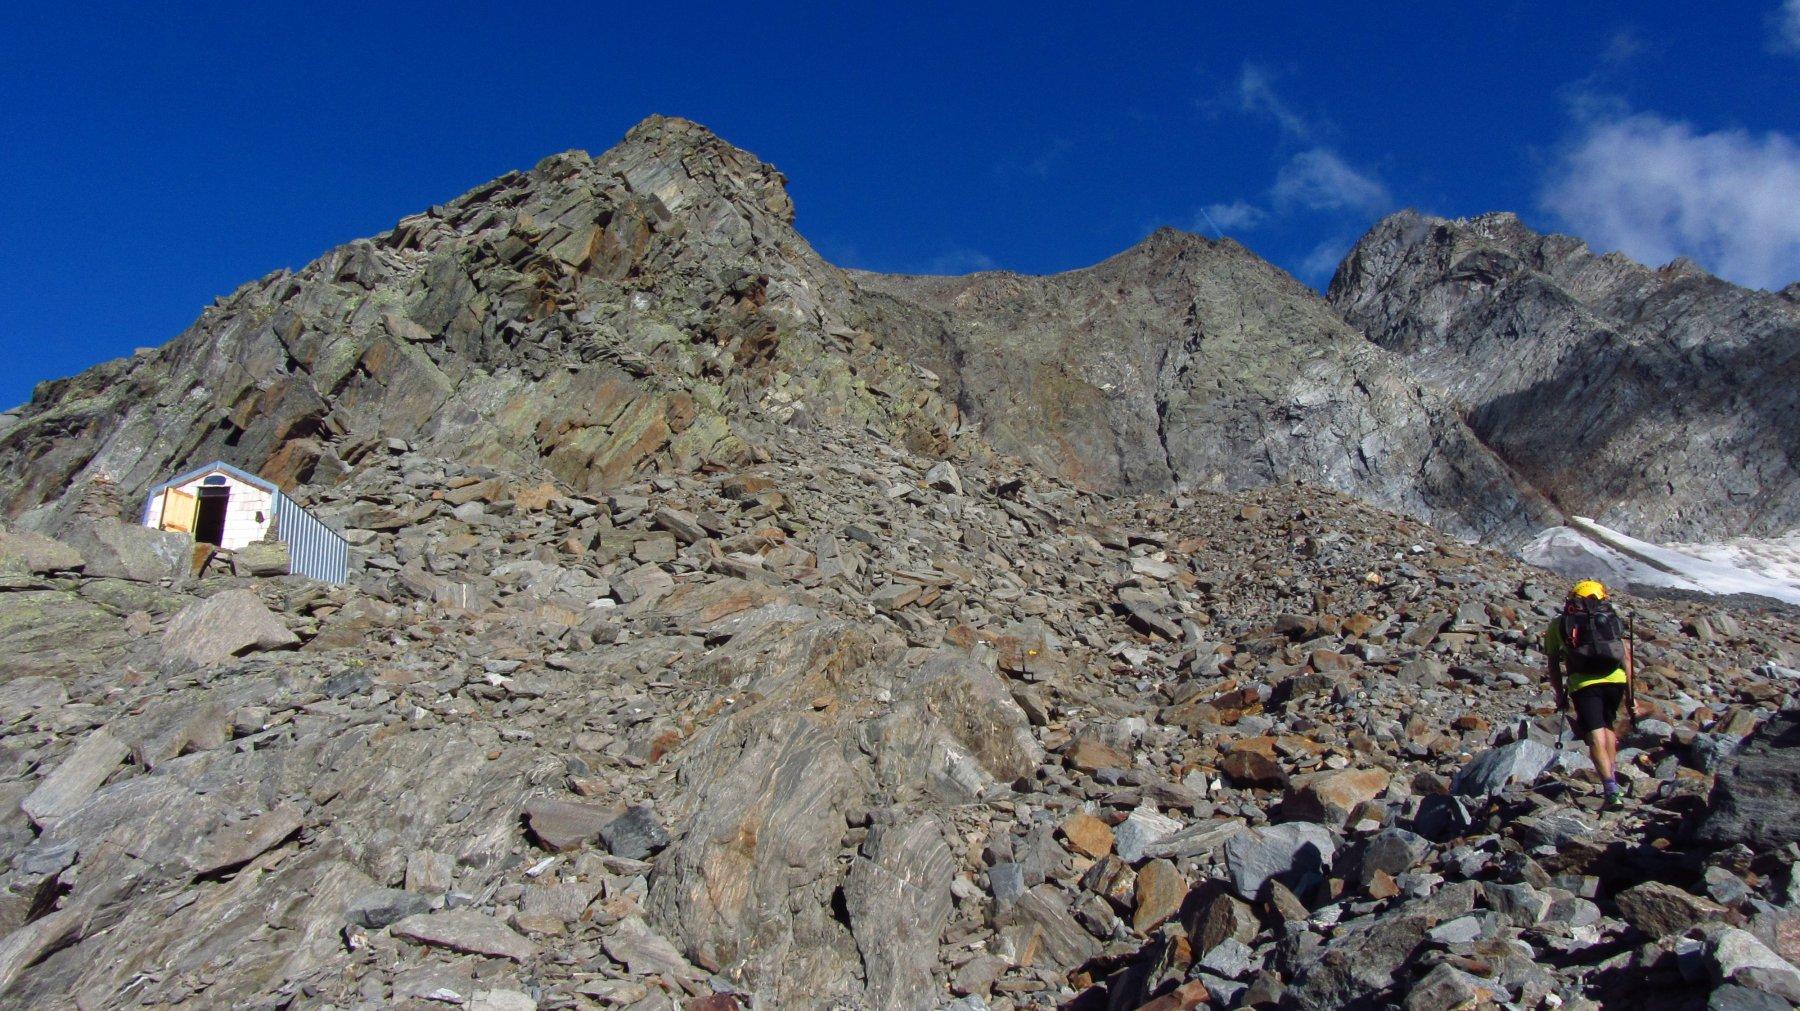 Il bivacco, la cresta ovest alla punta sud e a destra la cresta nord est alla punta nord